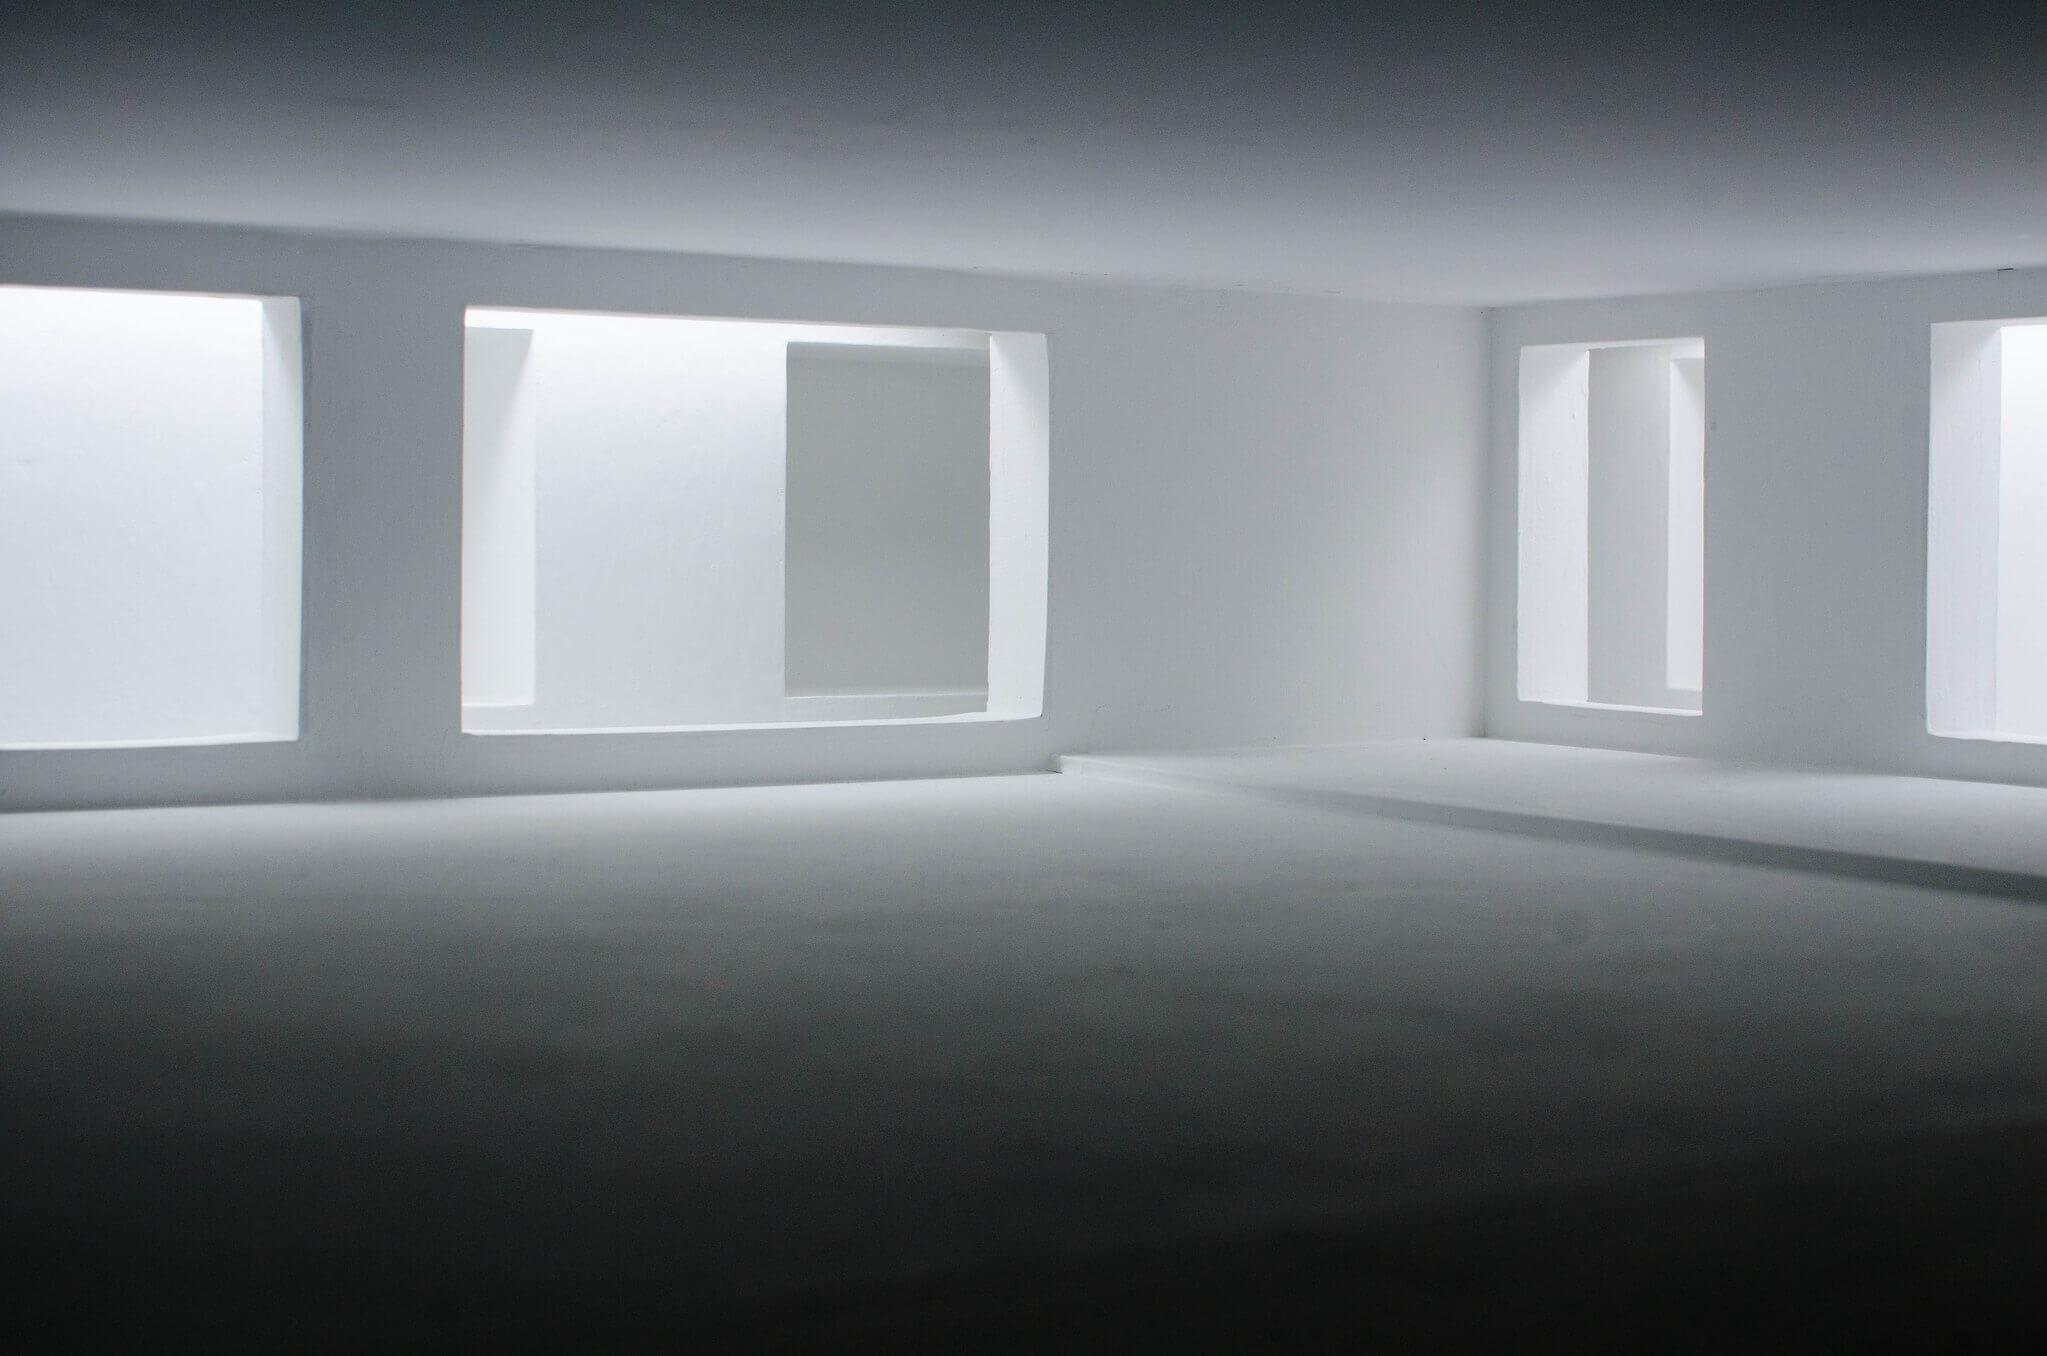 Leere und aufgeräumte Zimmer stehen für den Kanso-Stil